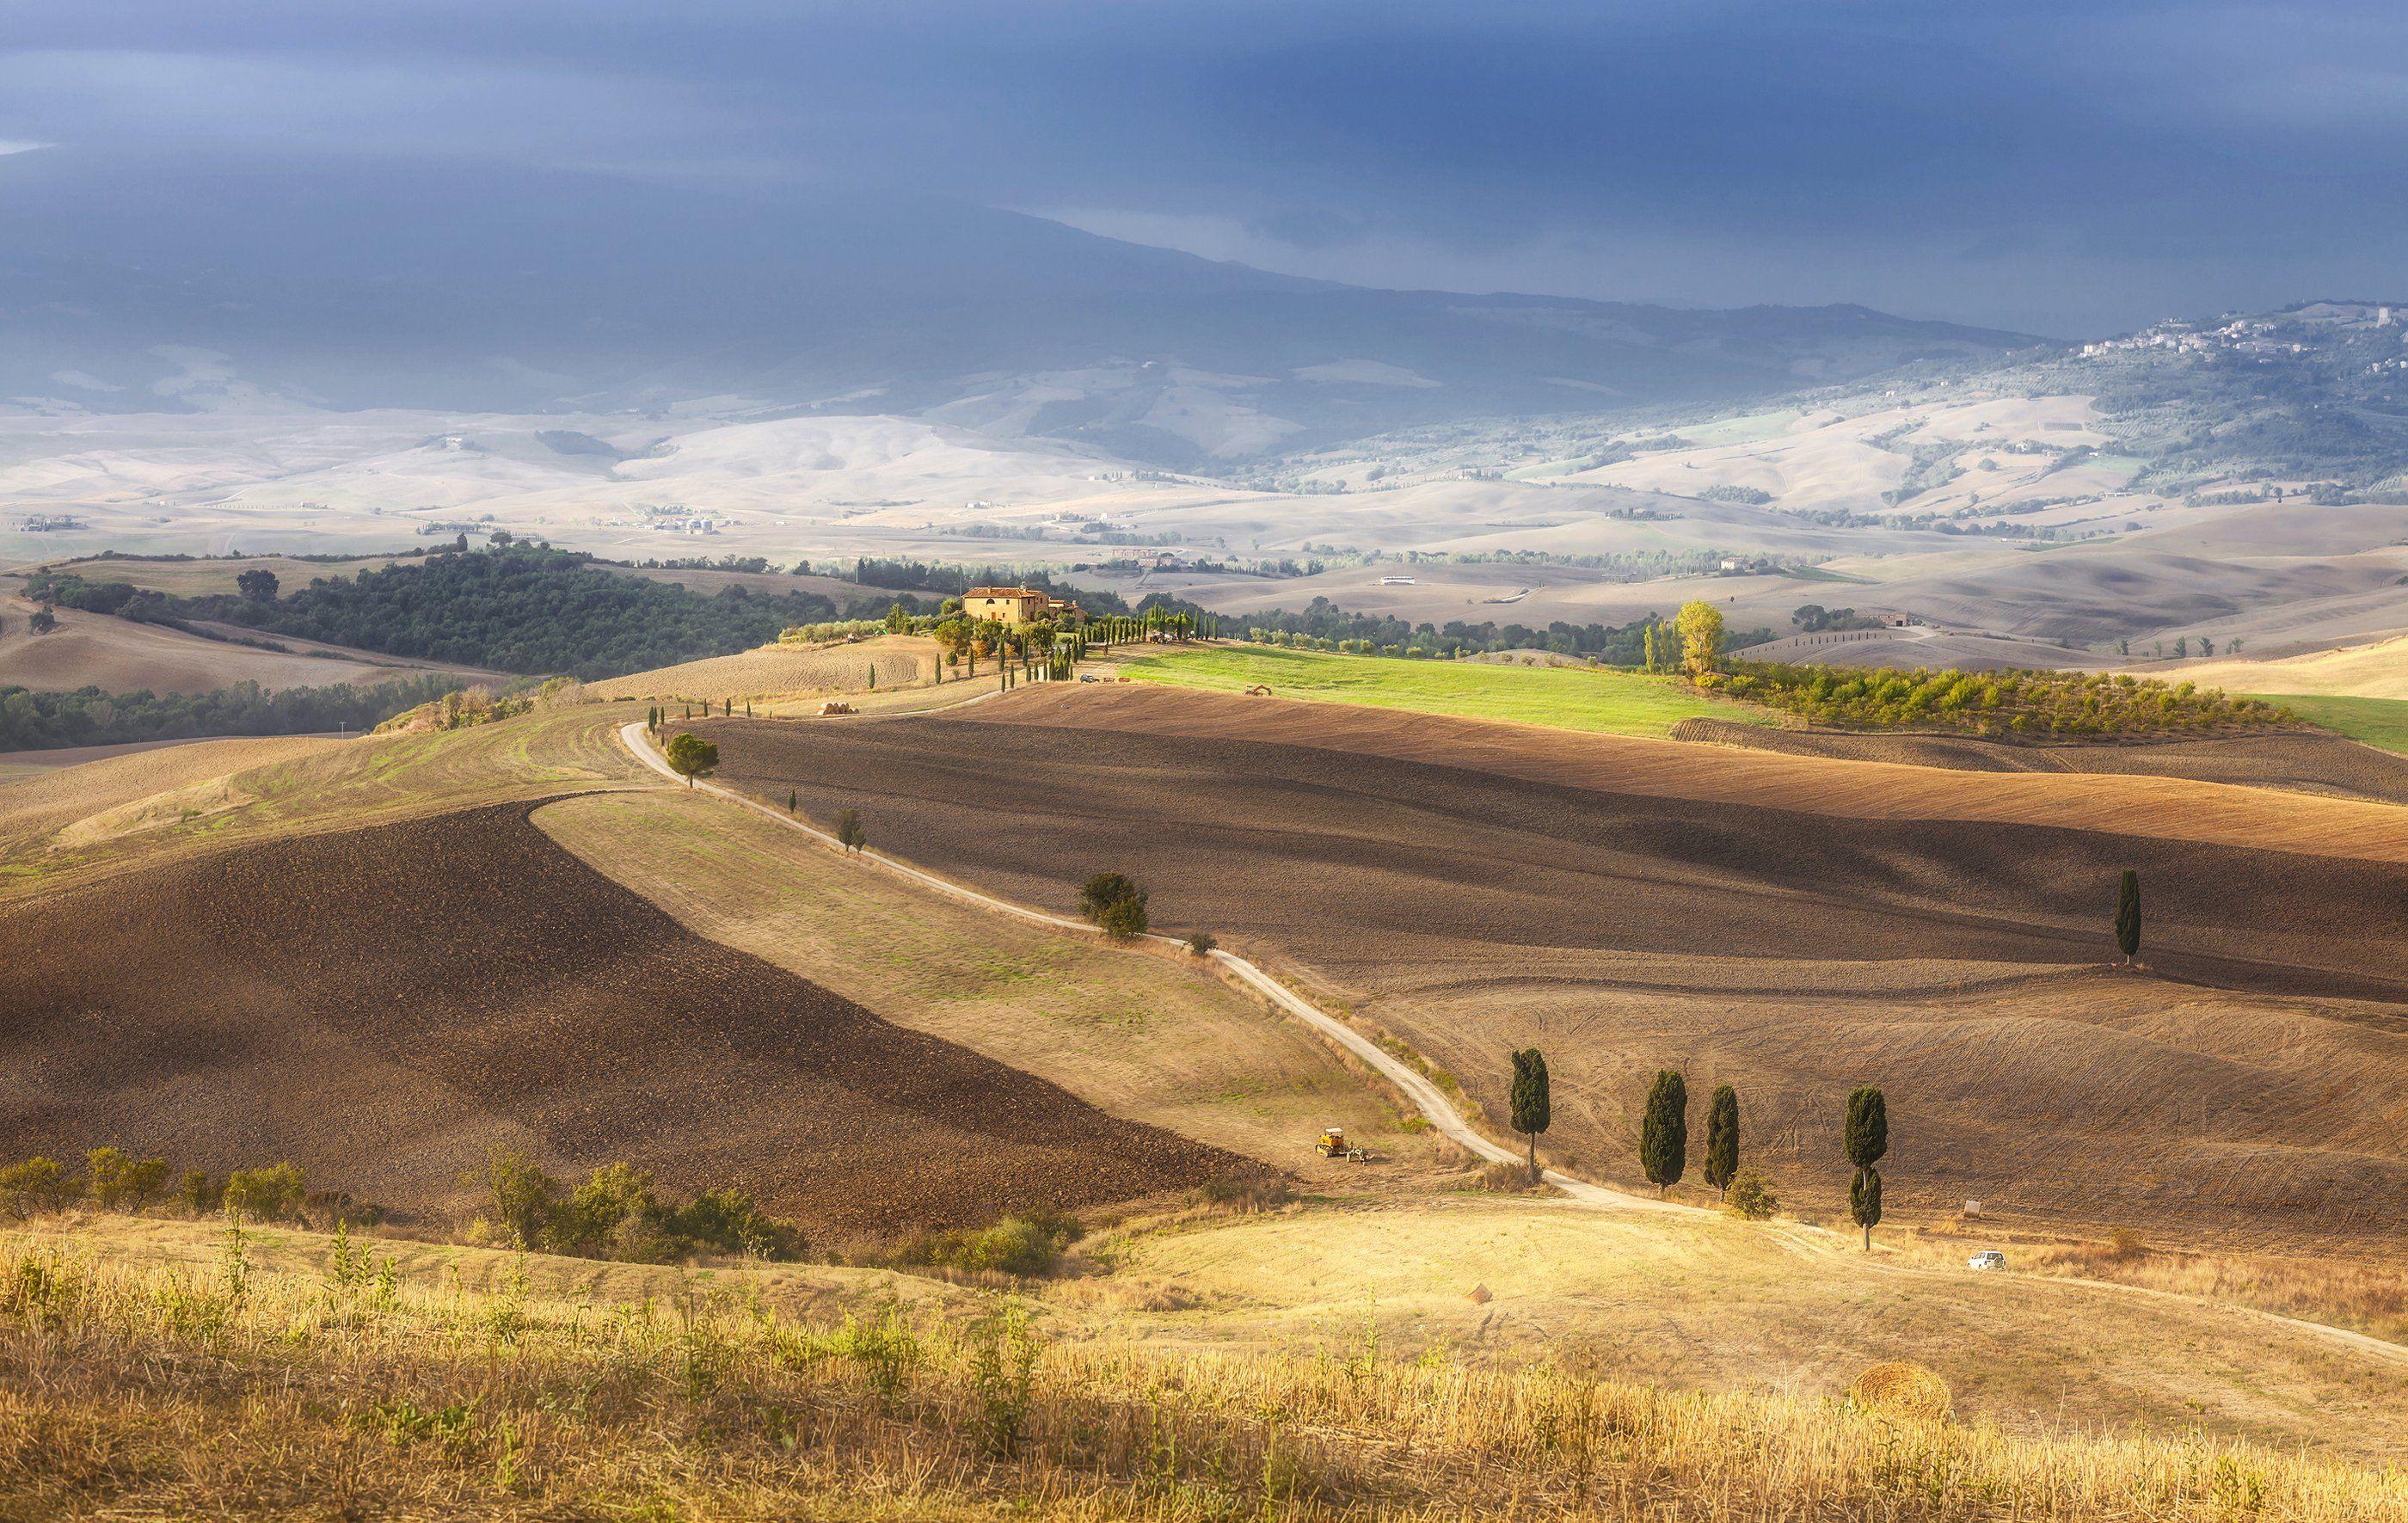 осень, тоскана, пьенца, италия, autumn, tuscany, italy, pienza, Андрей Чабров